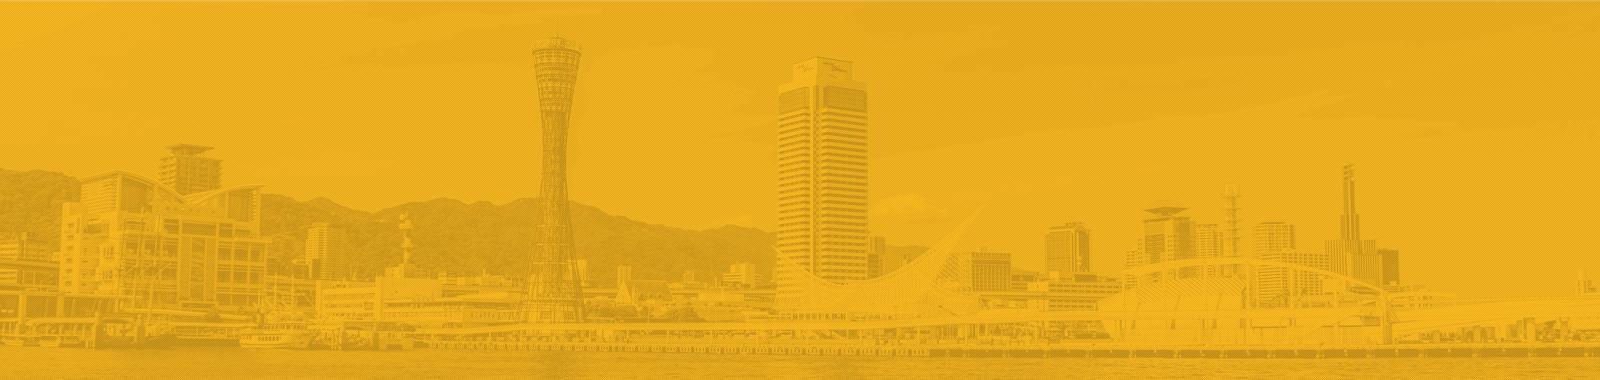 神戸市 移住相談窓口